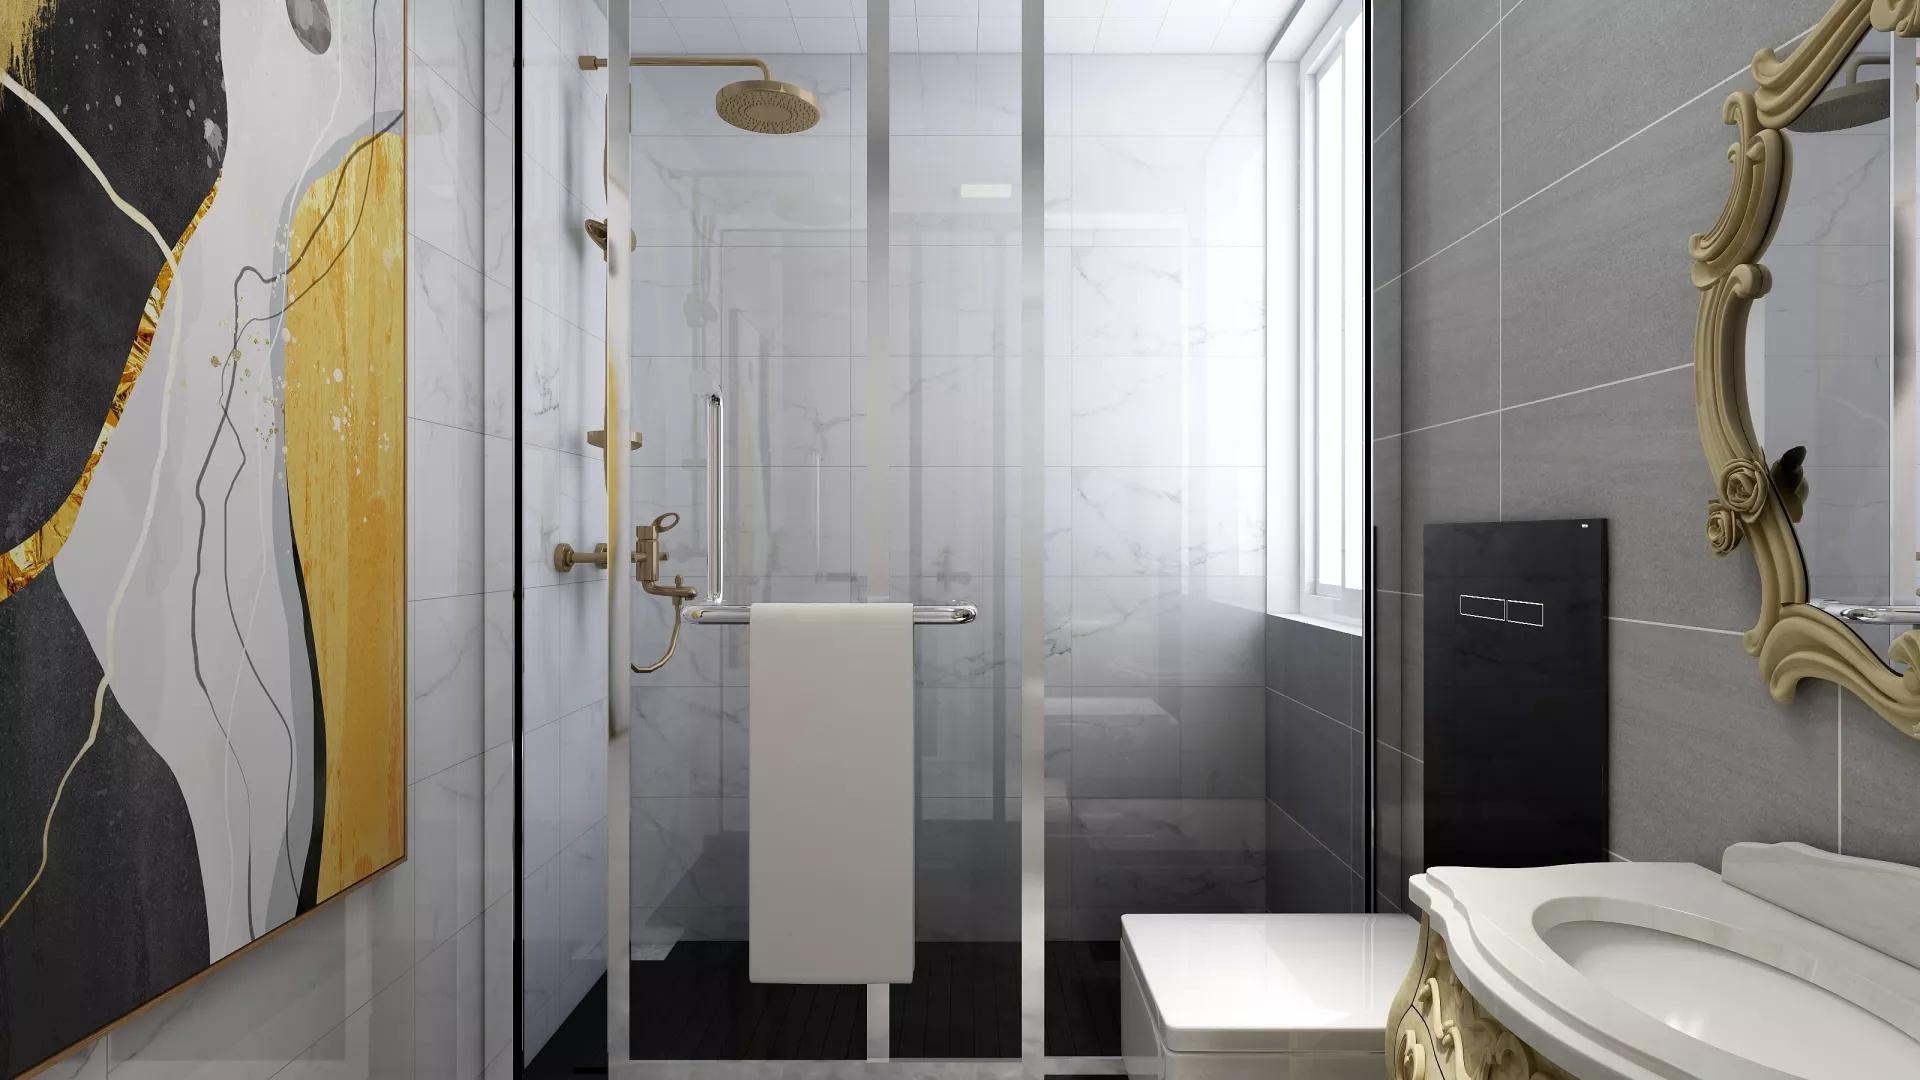 室內吧臺尺寸多少比較合適?家居吧臺設計尺寸標準是怎樣?